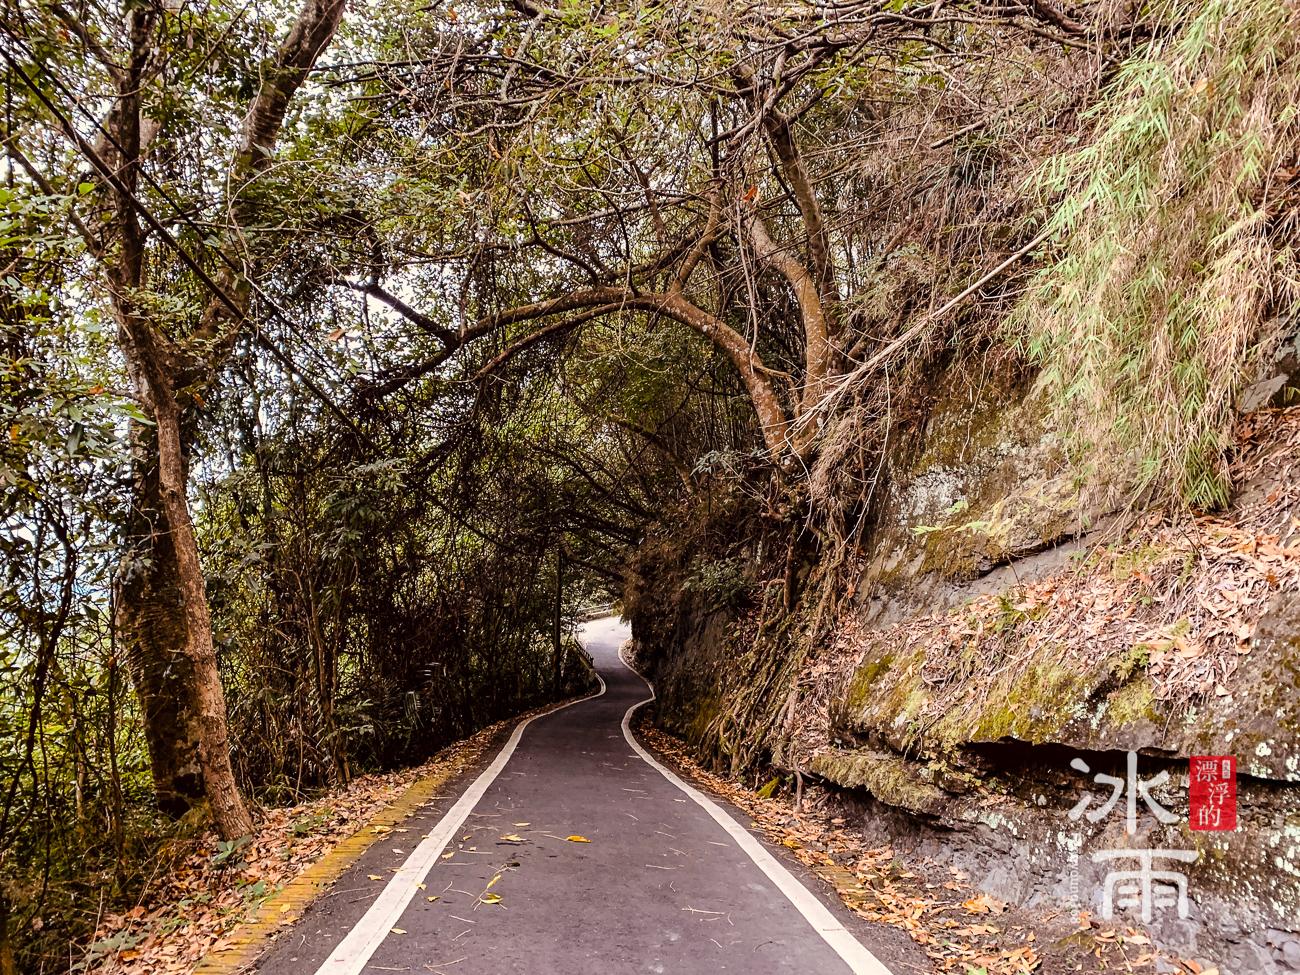 獅山古道|獅頭山風景區|馬路步道